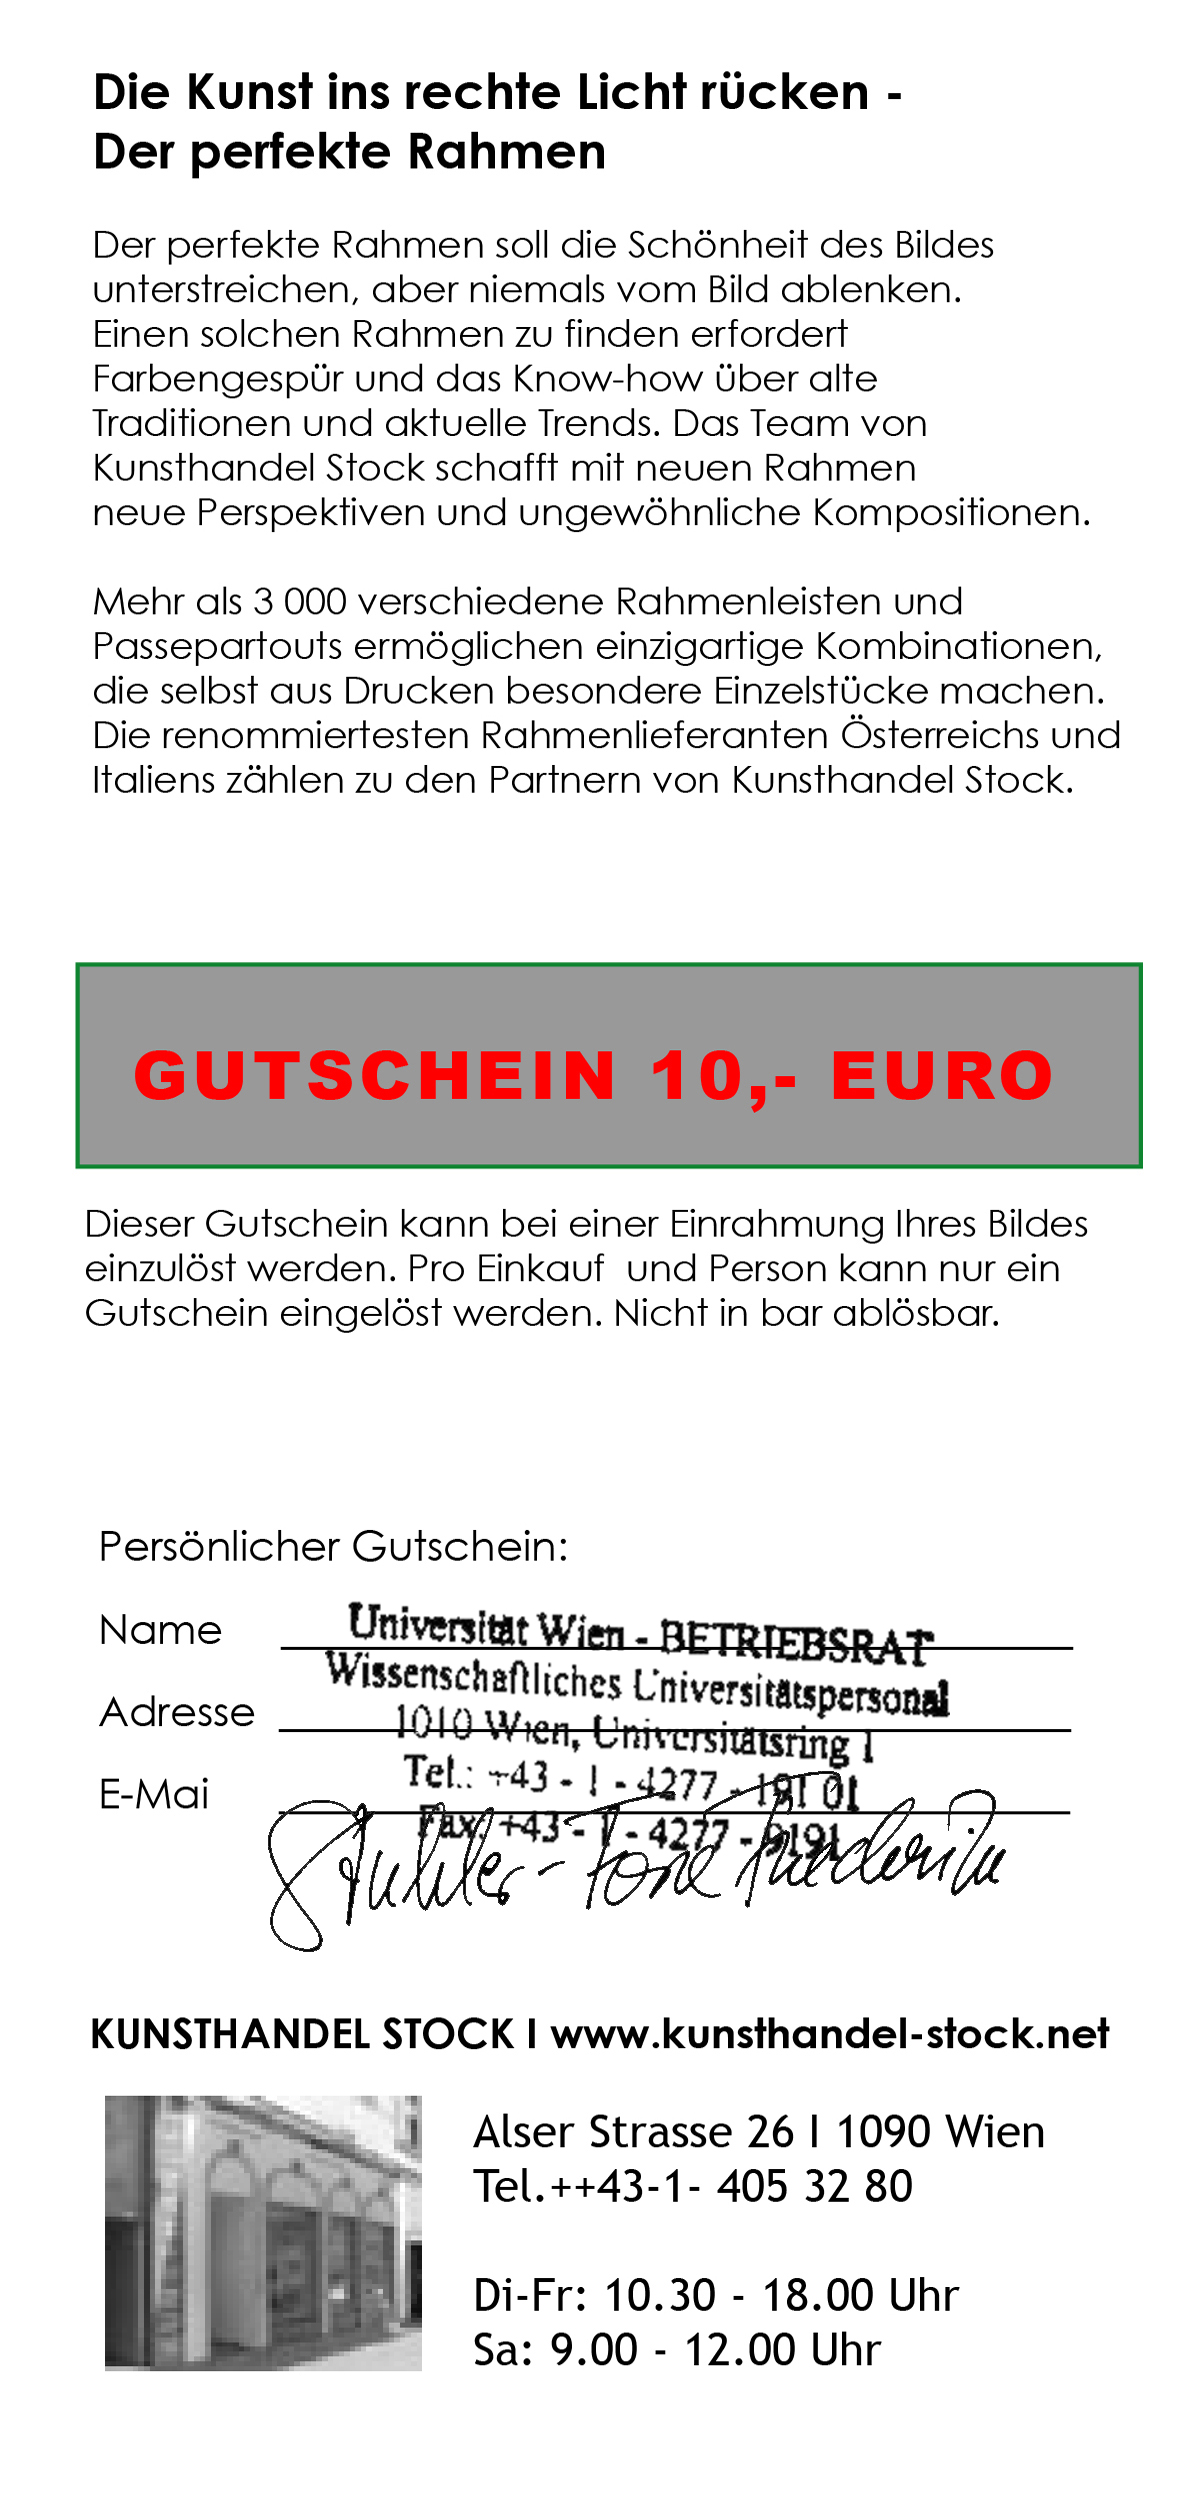 Gemütlich Vorlage Presentasi Machtpunkt Galerie - Entry Level Resume ...